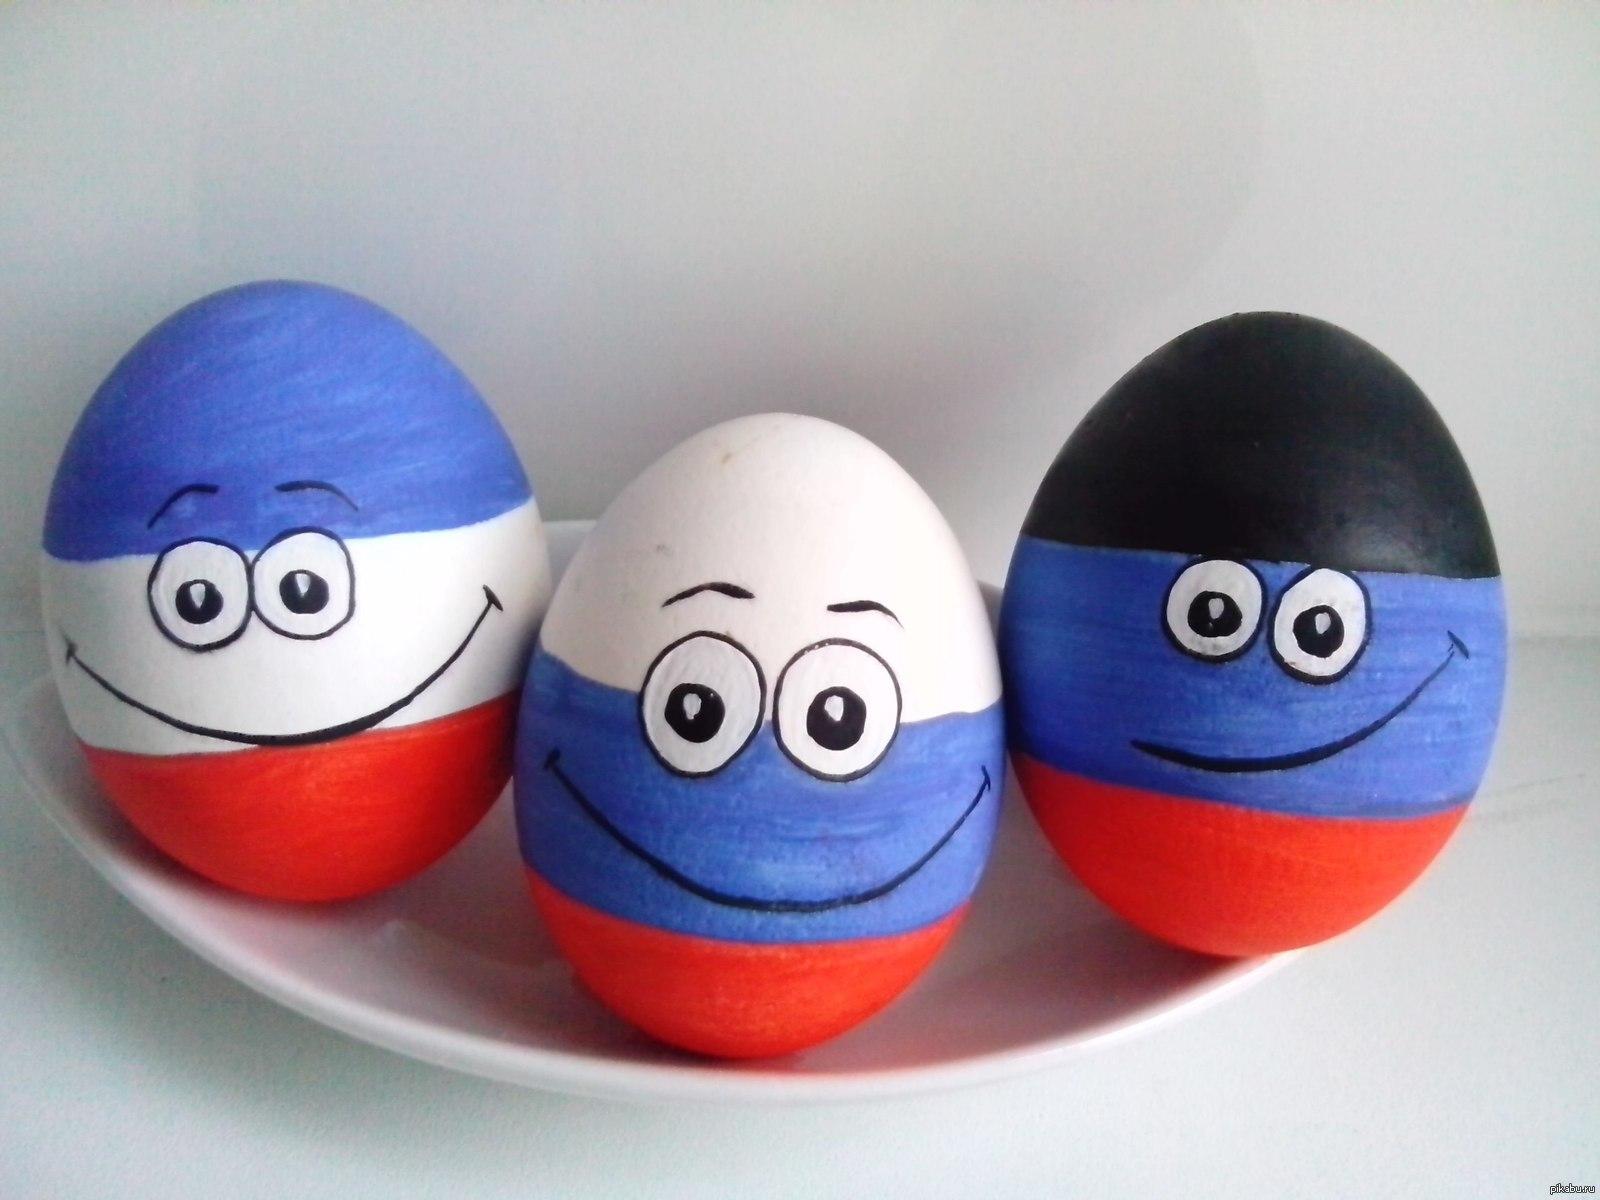 прикольные картинки покраски яиц позже чем